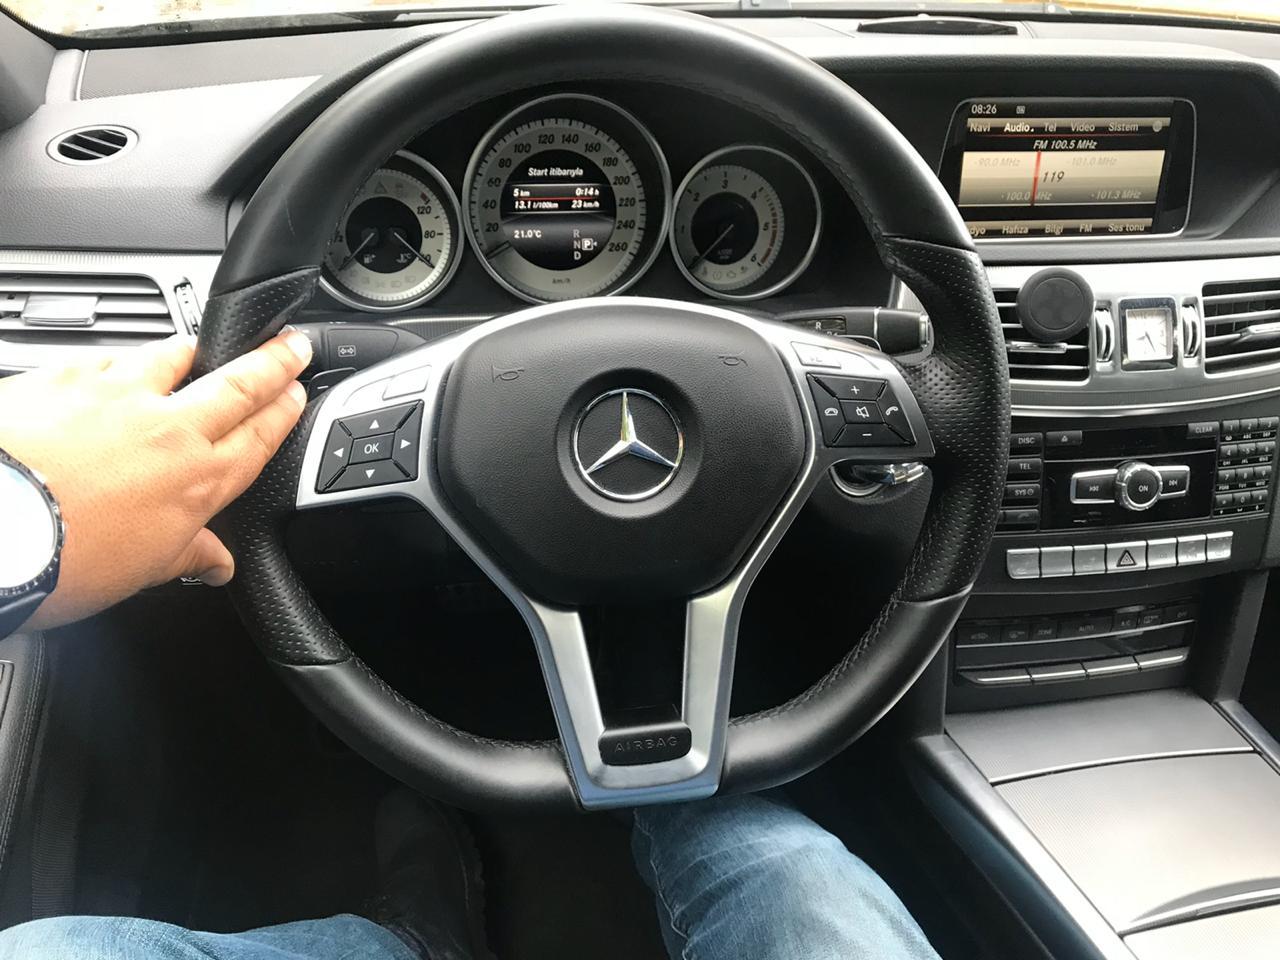 Mercedes-Benz E 250 2.5(lt) 2014 New car  $30000